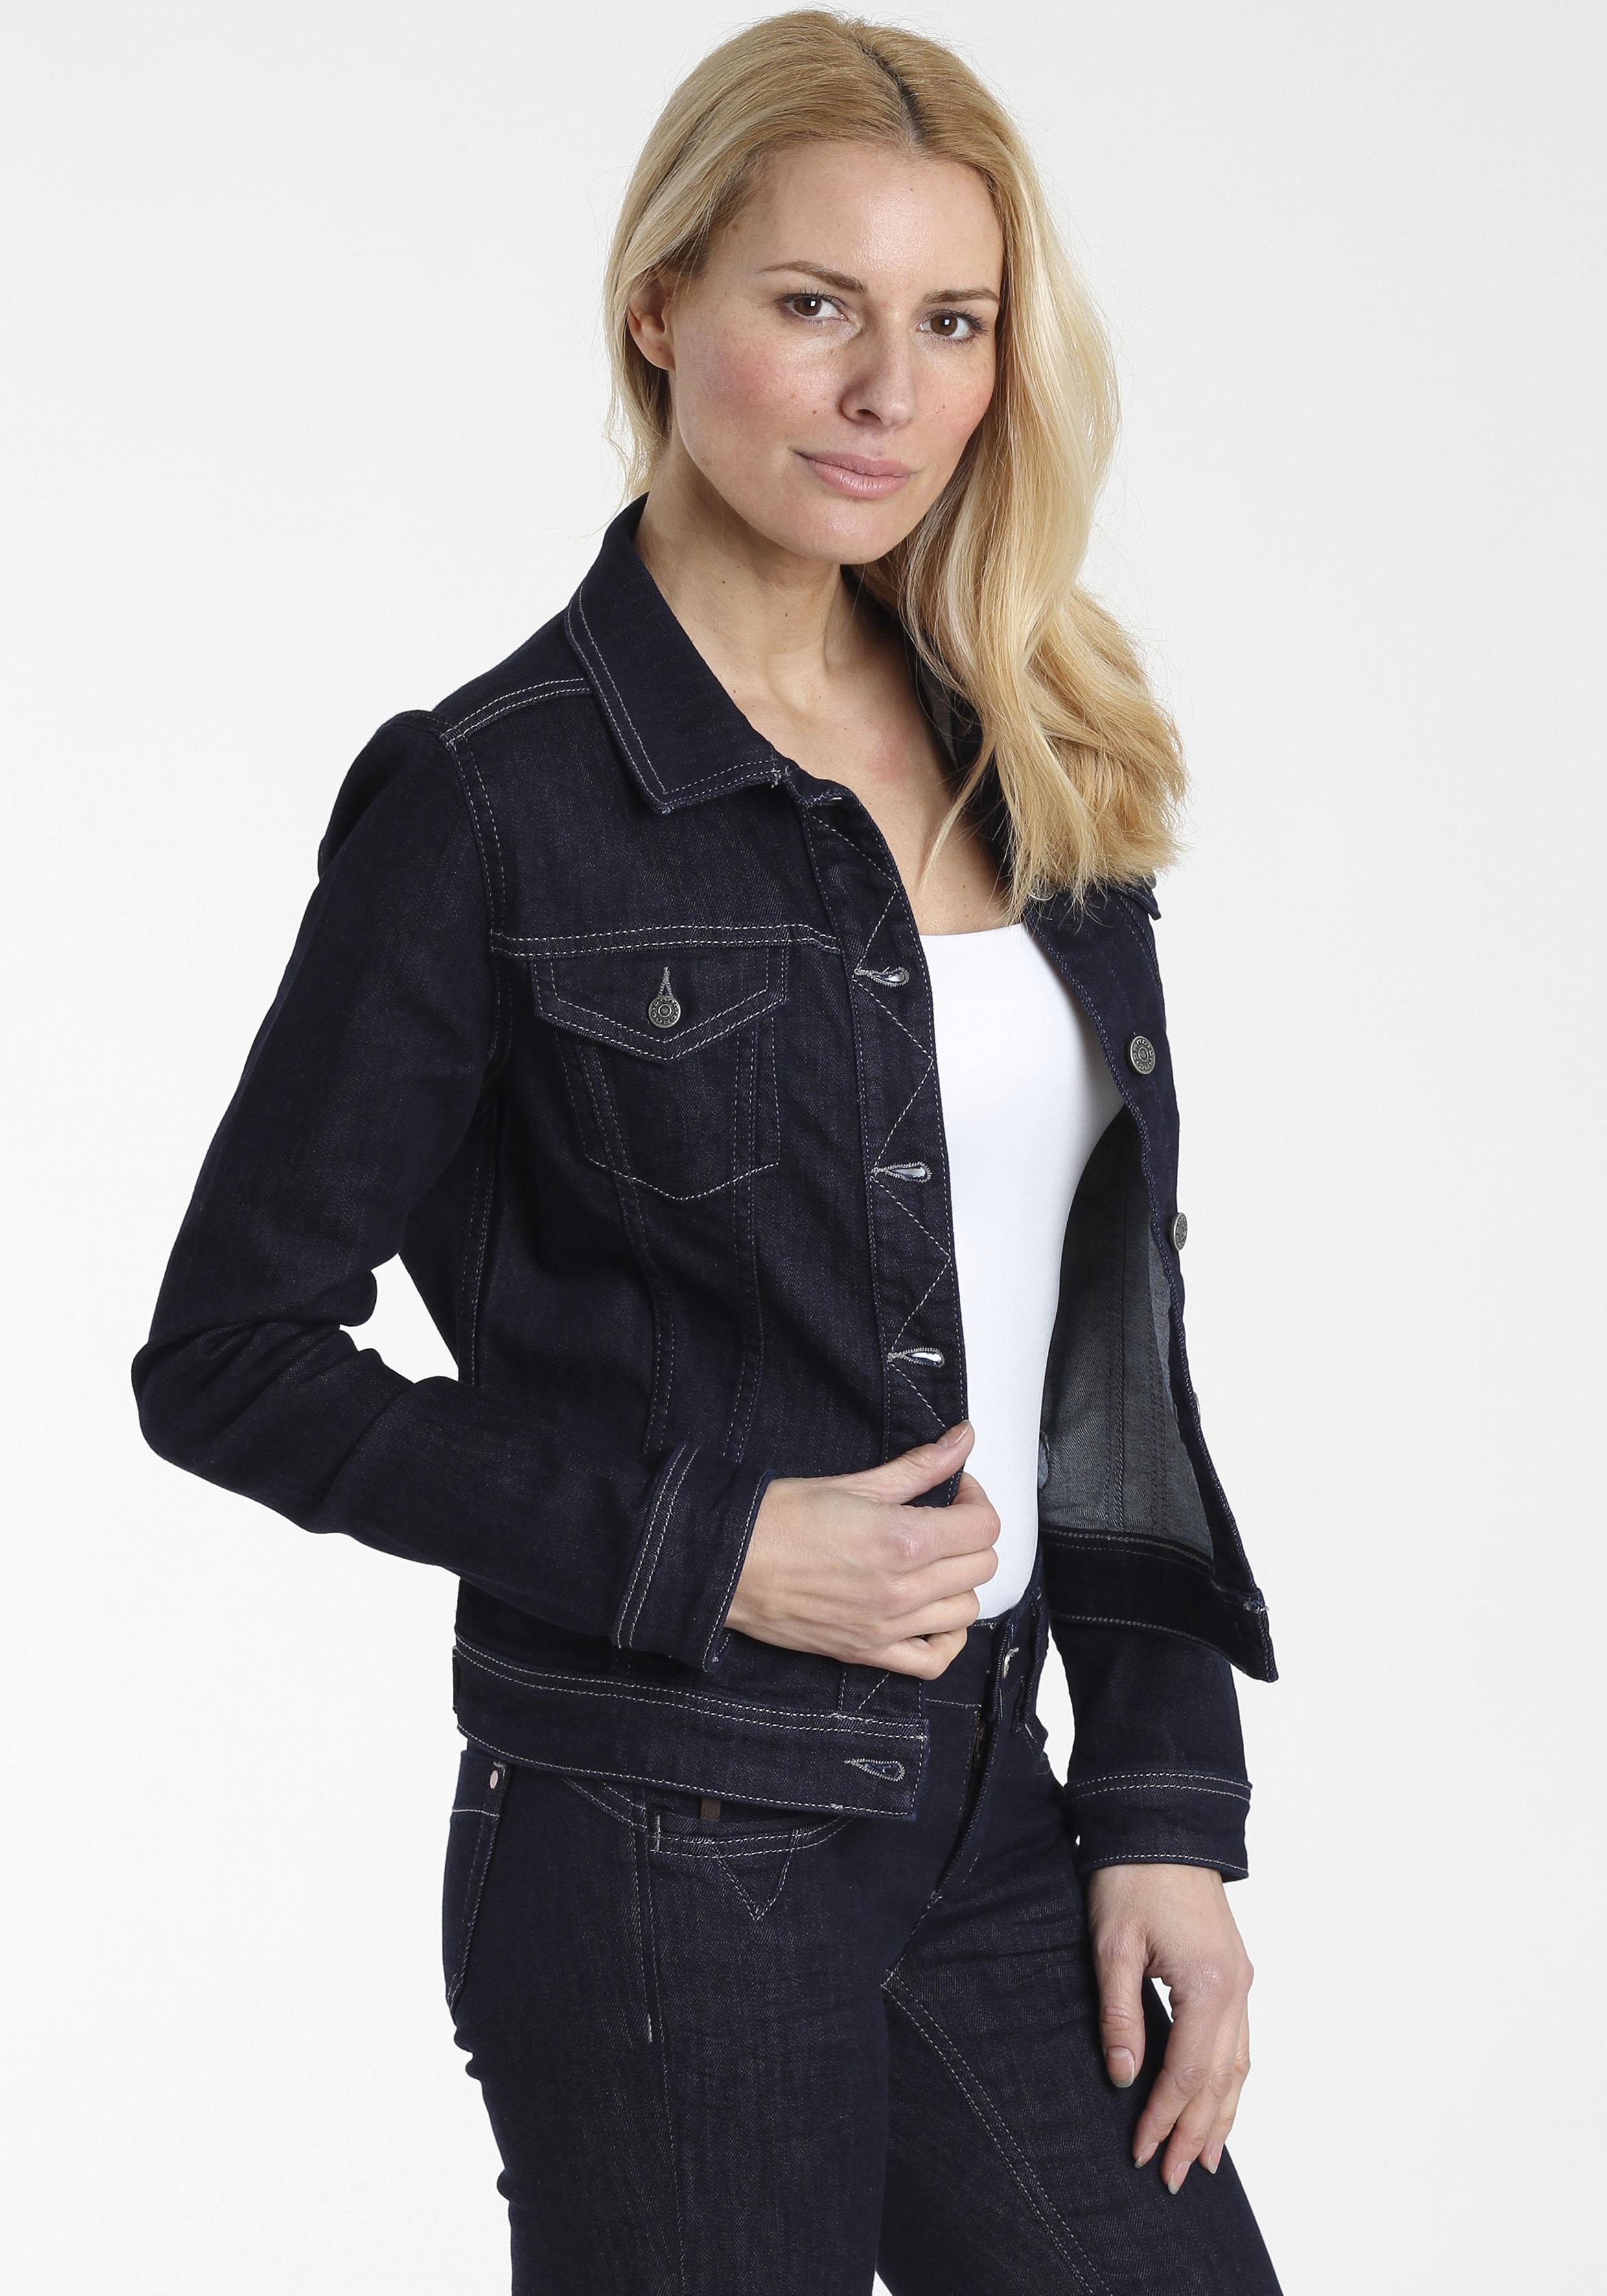 gang -  Jeansjacke MIRA, mit Baumwollstretch Denim für hohen Tragekomfort